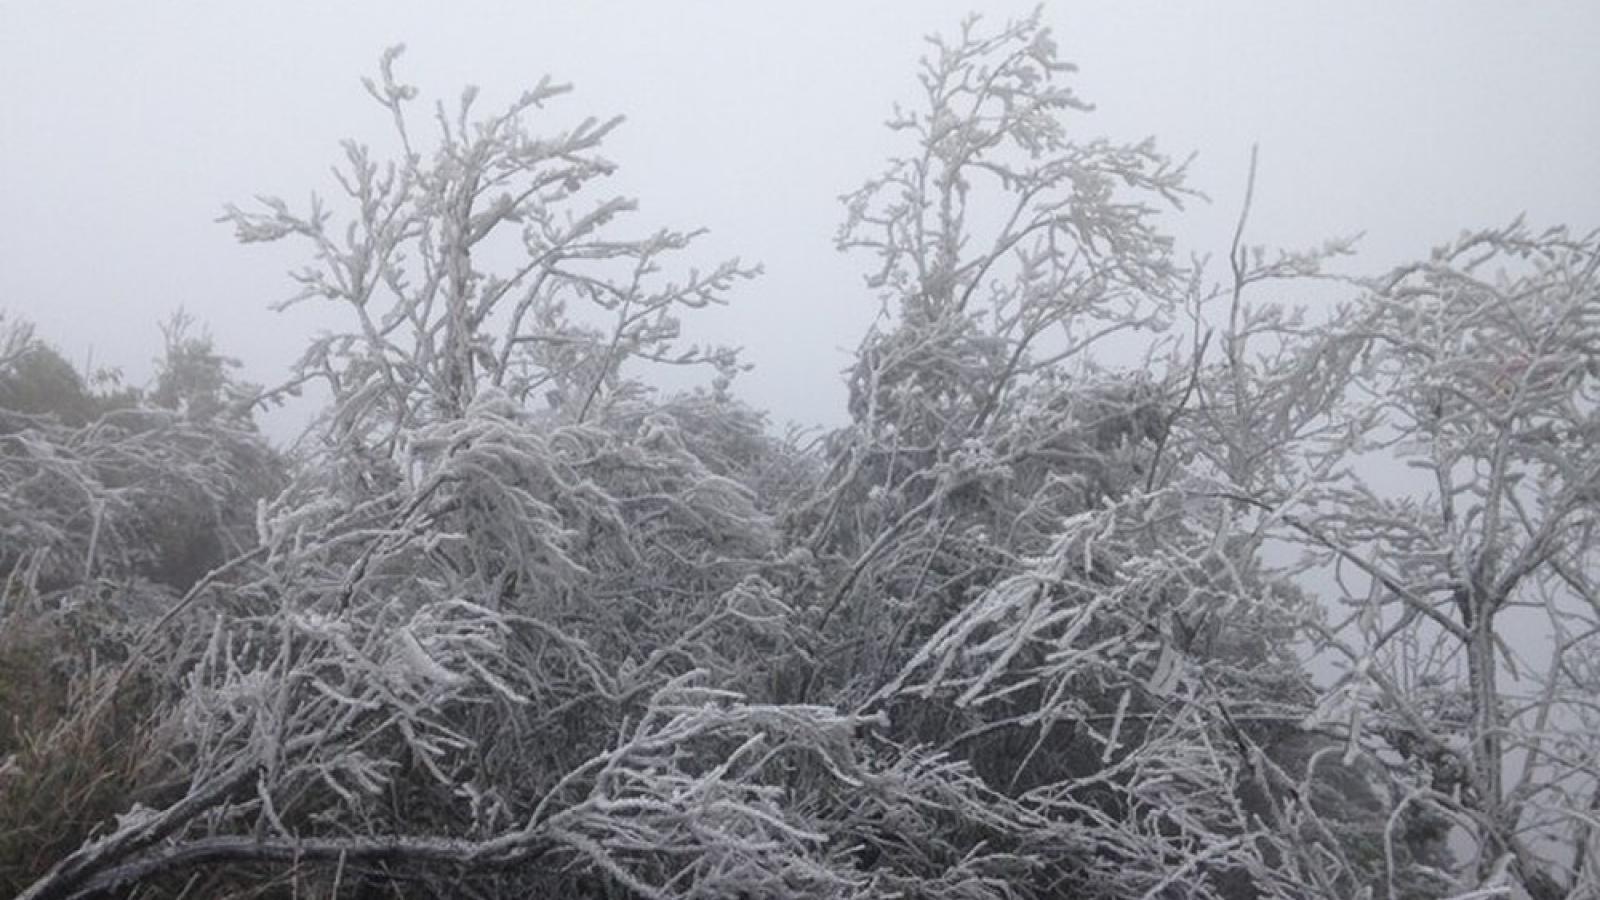 Không khí lạnh dồn dập tăng cường, rét đậm rét hại bao trùm miền Bắc đến giữa tháng 1